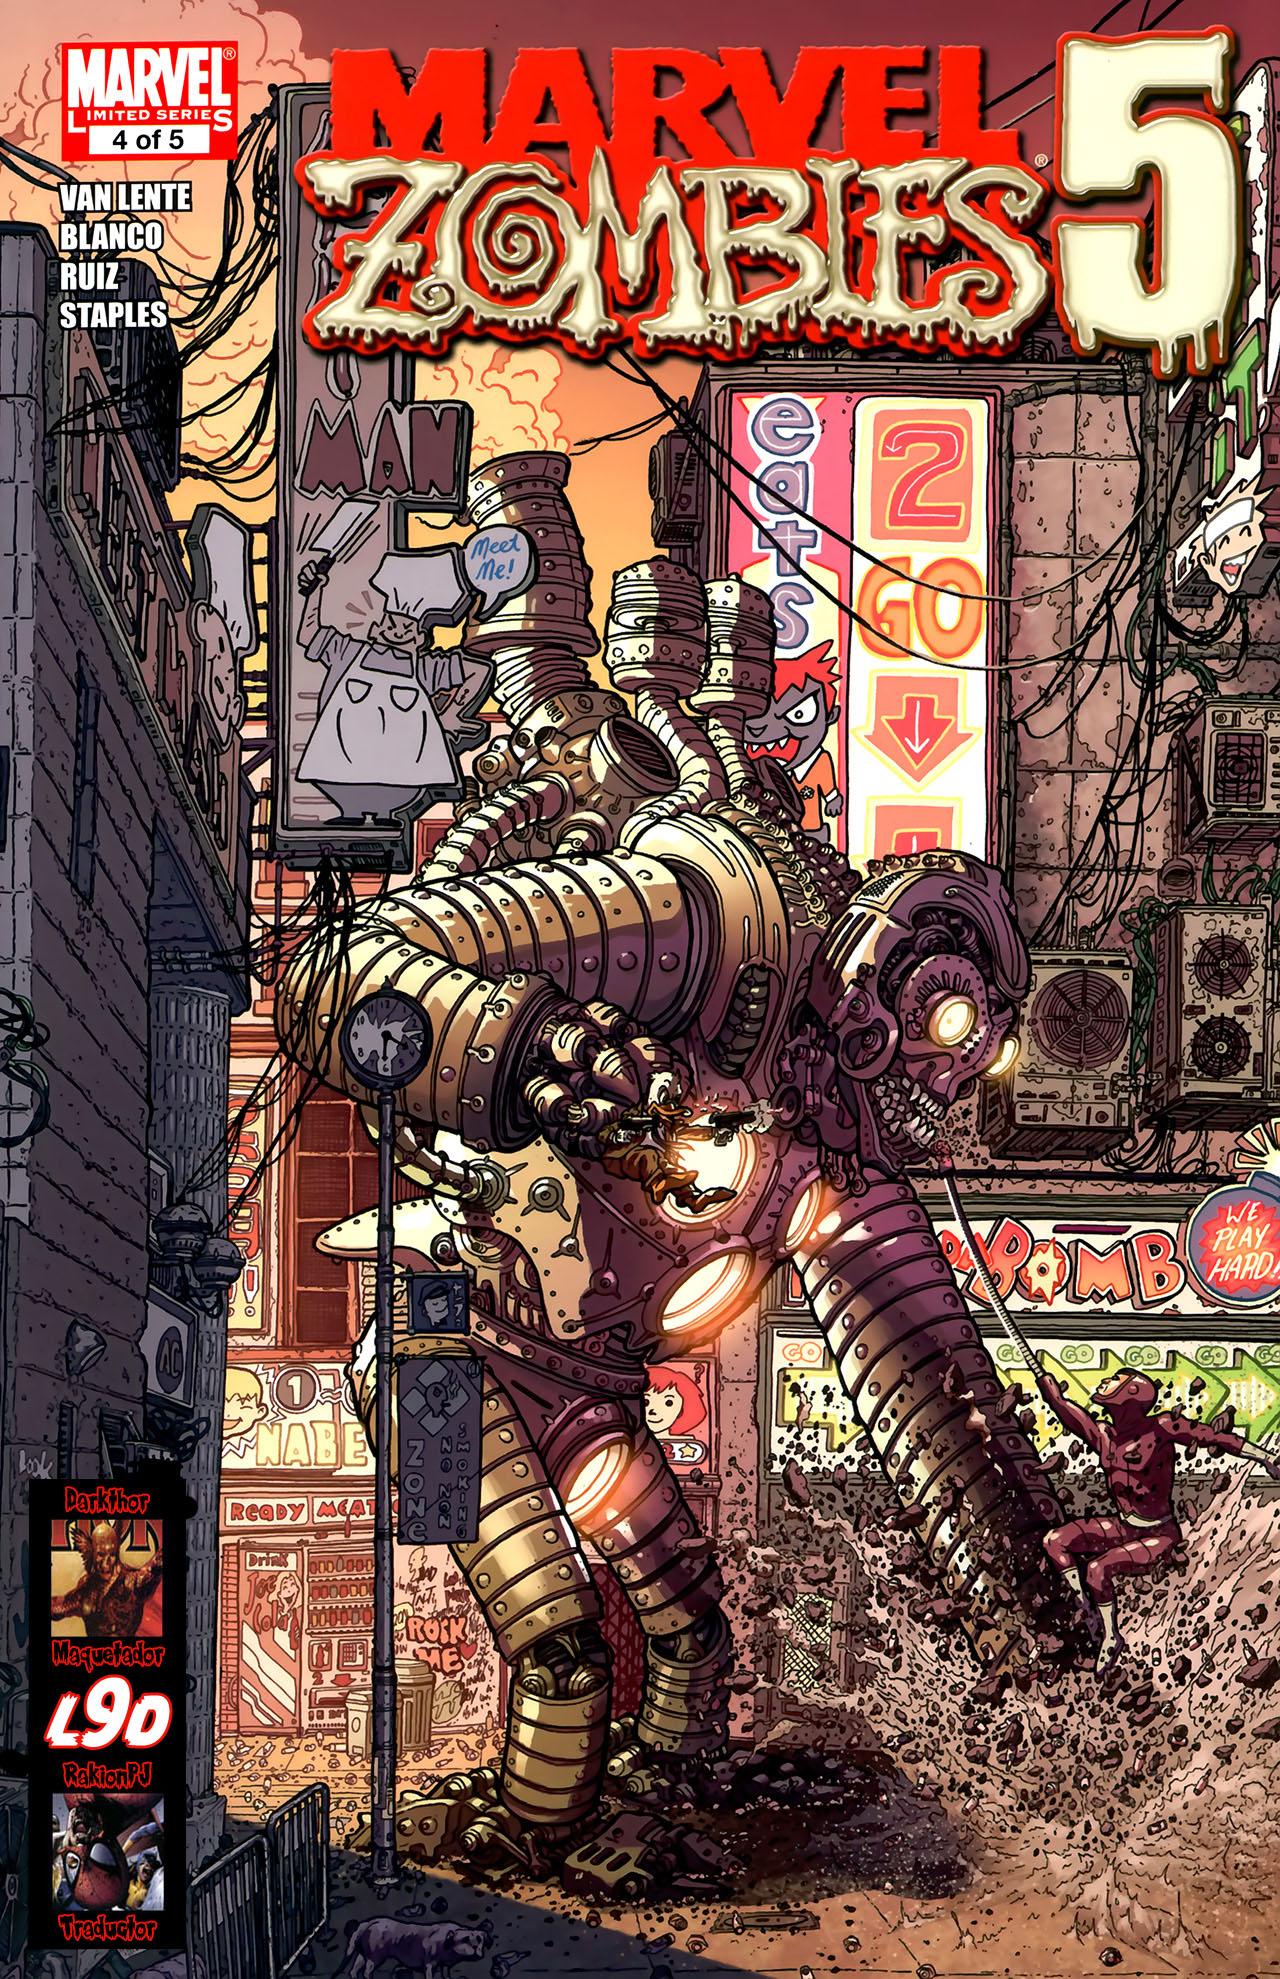 Descargar marvel zombies español completo 1 link incluye cómic